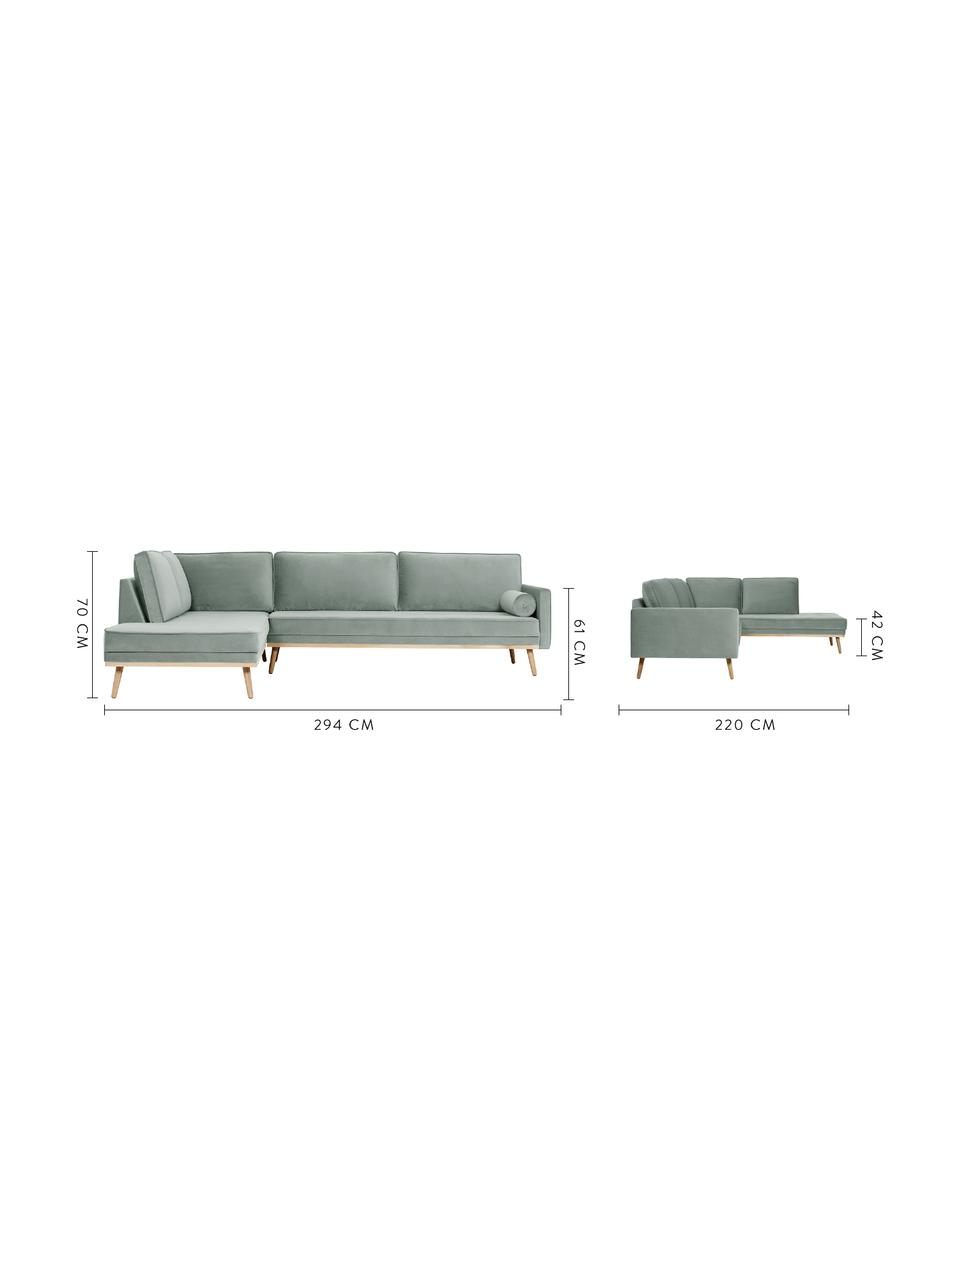 Sofa narożna z aksamitu z nogami z drewna dębowego Saint (4-osobowa), Tapicerka: aksamit (poliester) Dzięk, Szałwiowy zielony, S 294 x G 220 cm